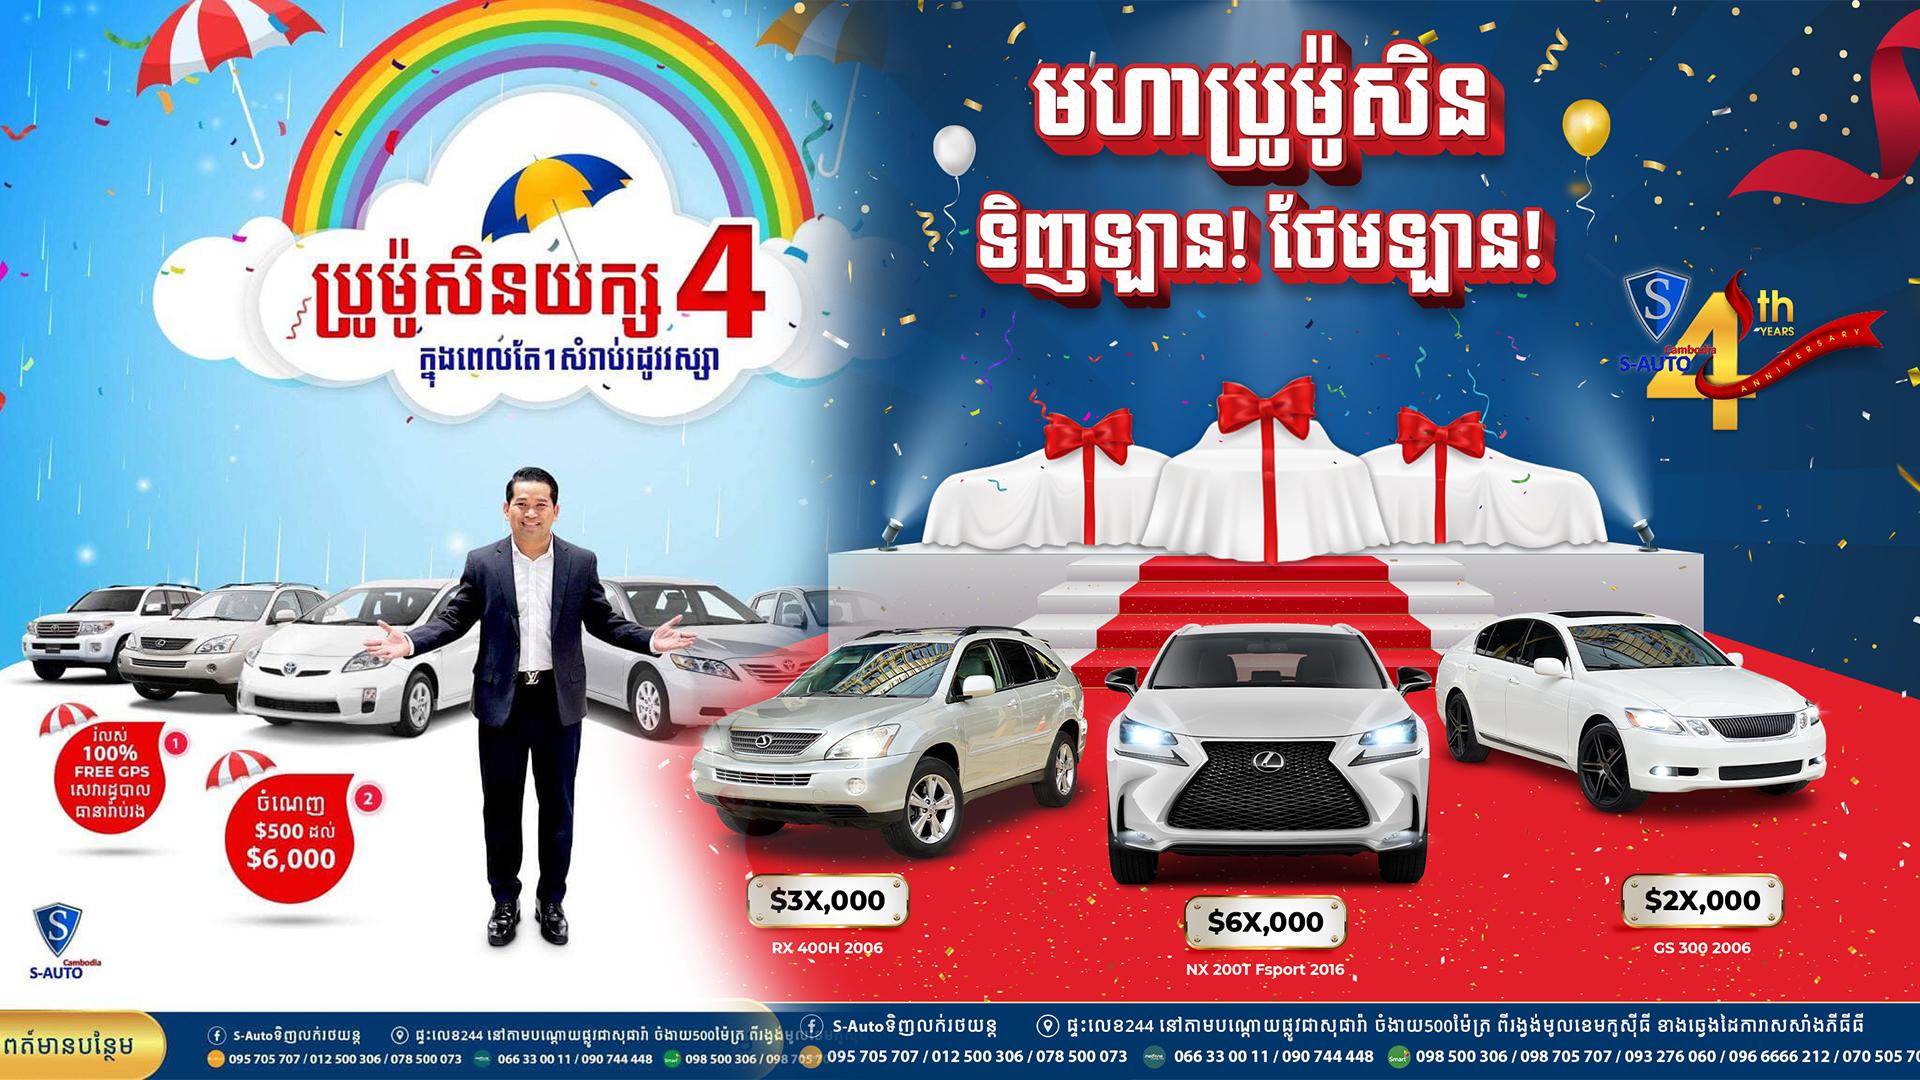 ខួប៤ឆ្នាំ ក្រុមហ៊ុន S-Auto Cambodia ឧកញ៉ា ប៊ុន រតនាសេម ប្រកាសប្រូម៉ូសិនដ៏កក្រើកទិញឡានថែមឡាន!